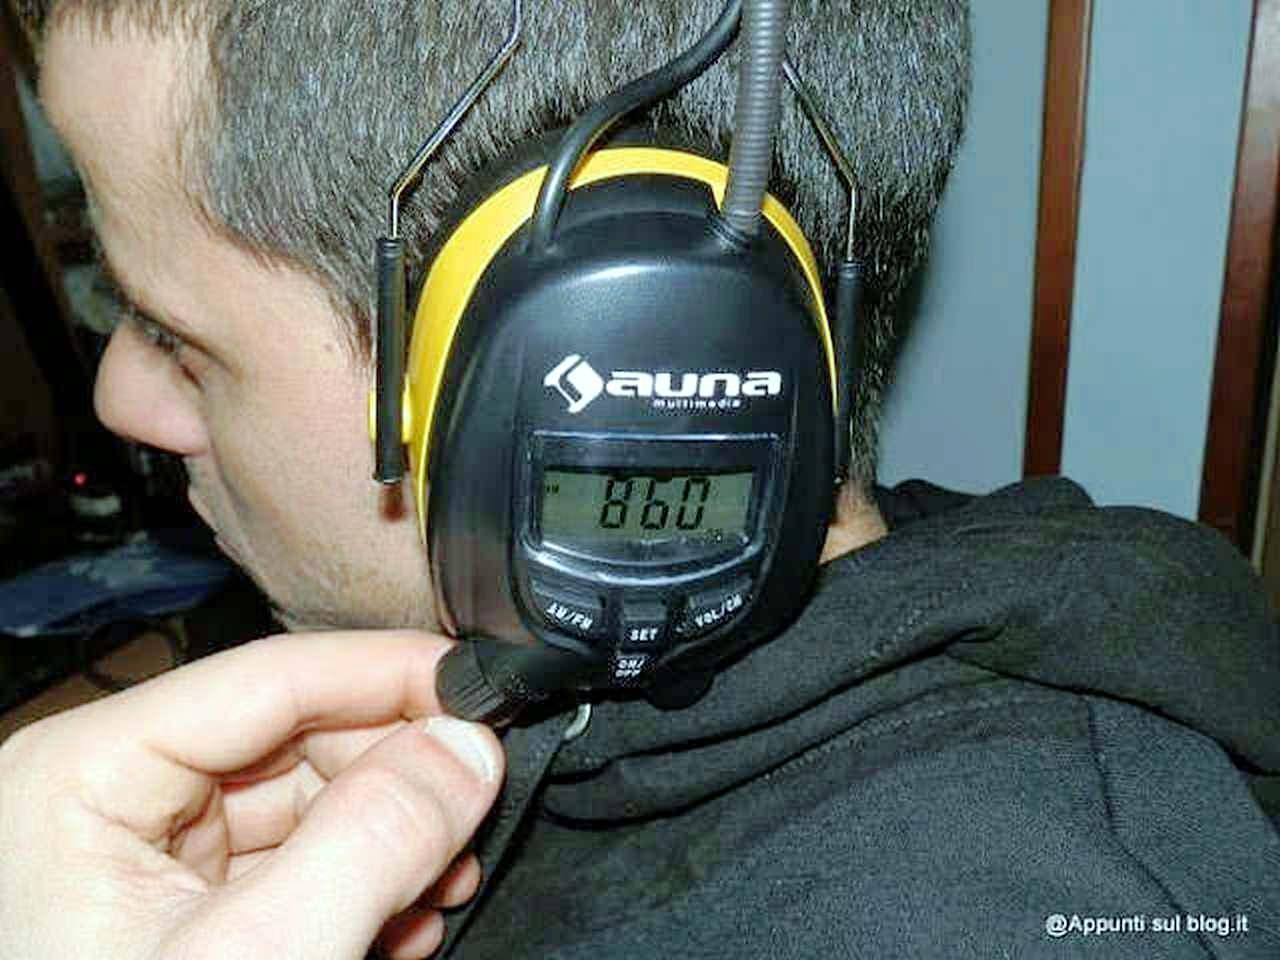 Auna Jackhammer cuffie AM/FM AUX per ascoltare musica ovunque